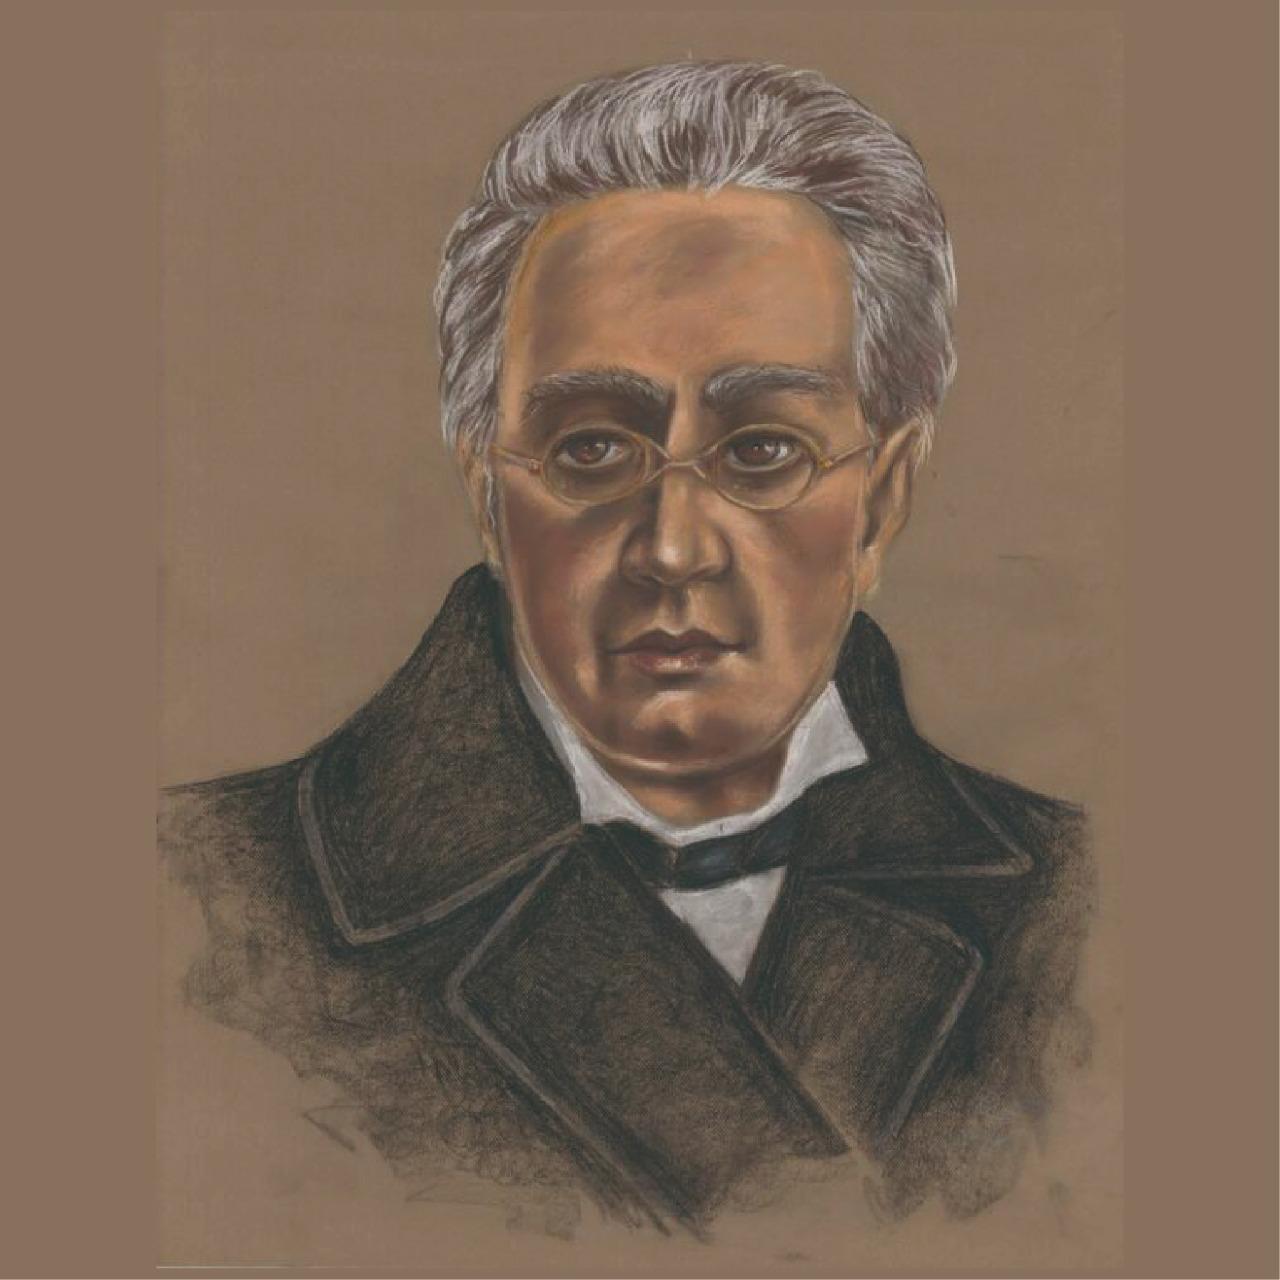 """Para conmemorar un año más de su natalicio, la Mapoteca Manuel Orozco y Berra presenta esta imagen titulada: """"Retrato de Manuel Orozco y Berra"""", elaborado por Rosa Bideau."""